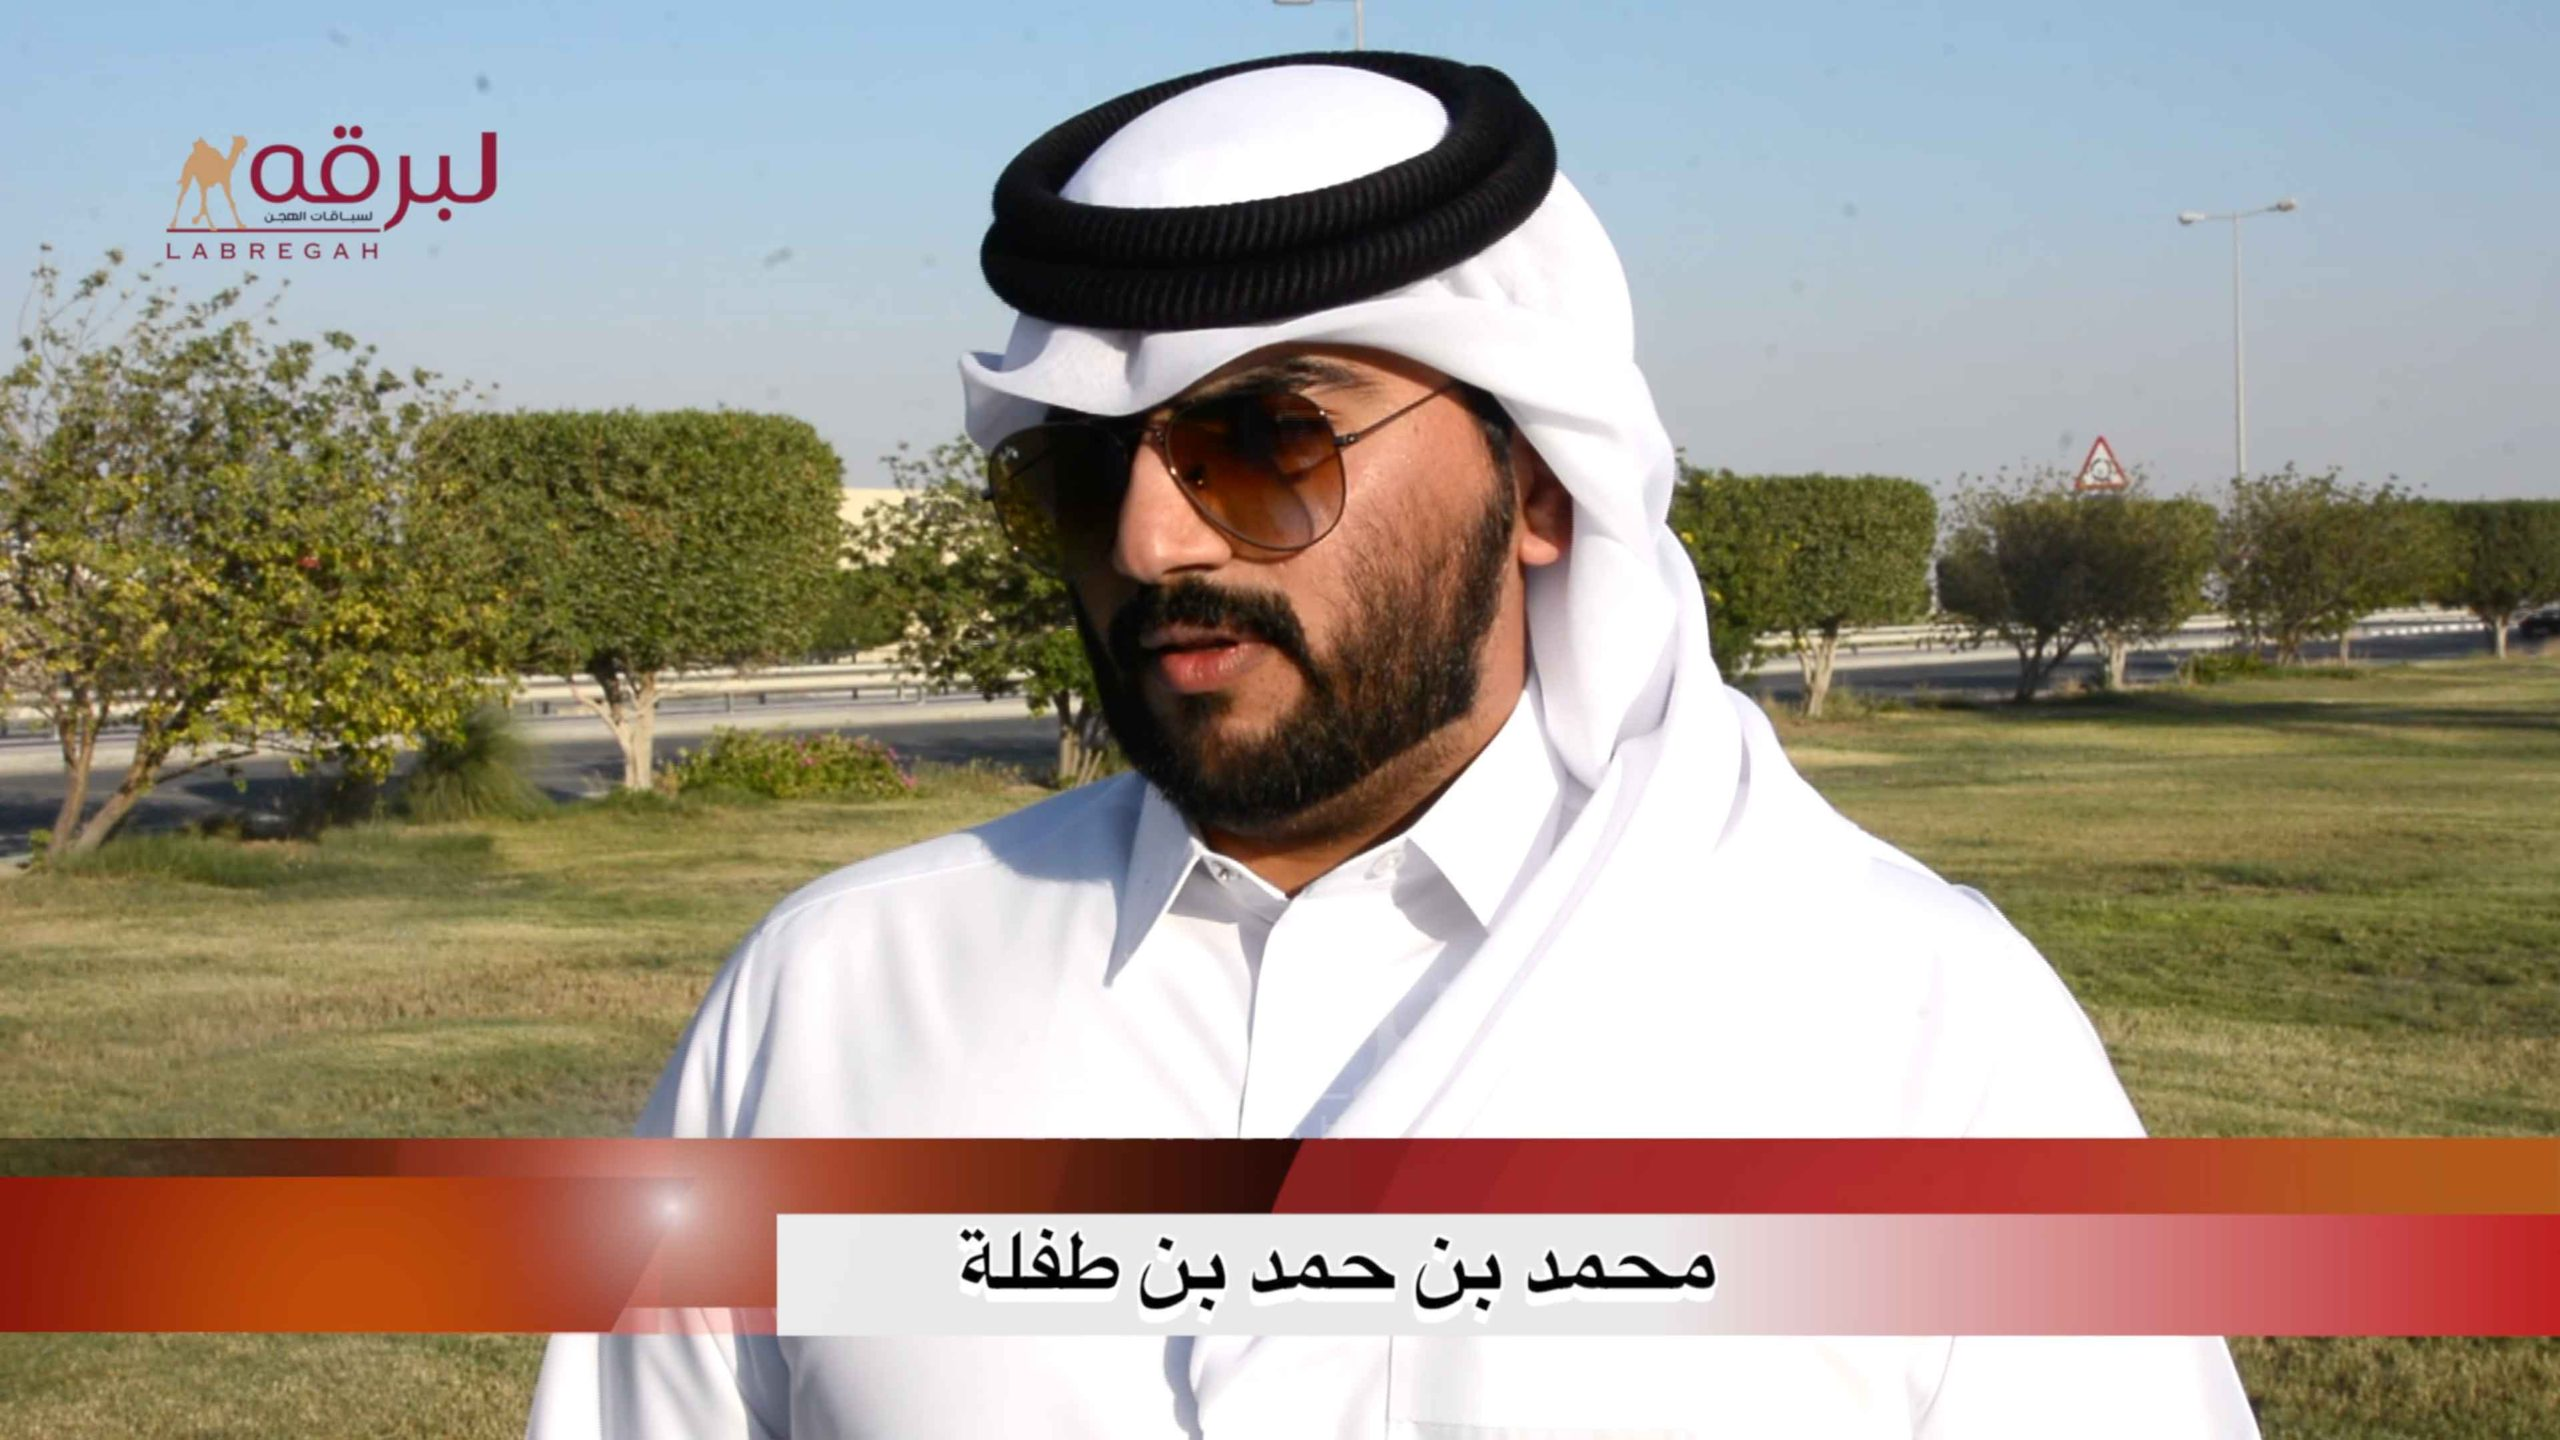 لقاء مع محمد بن حمد بن طفلة.. الشوط الرئيسي للحقايق قعدان مفتوح الأشواط العامة مساء ٢٢-١٠-٢٠٢٠